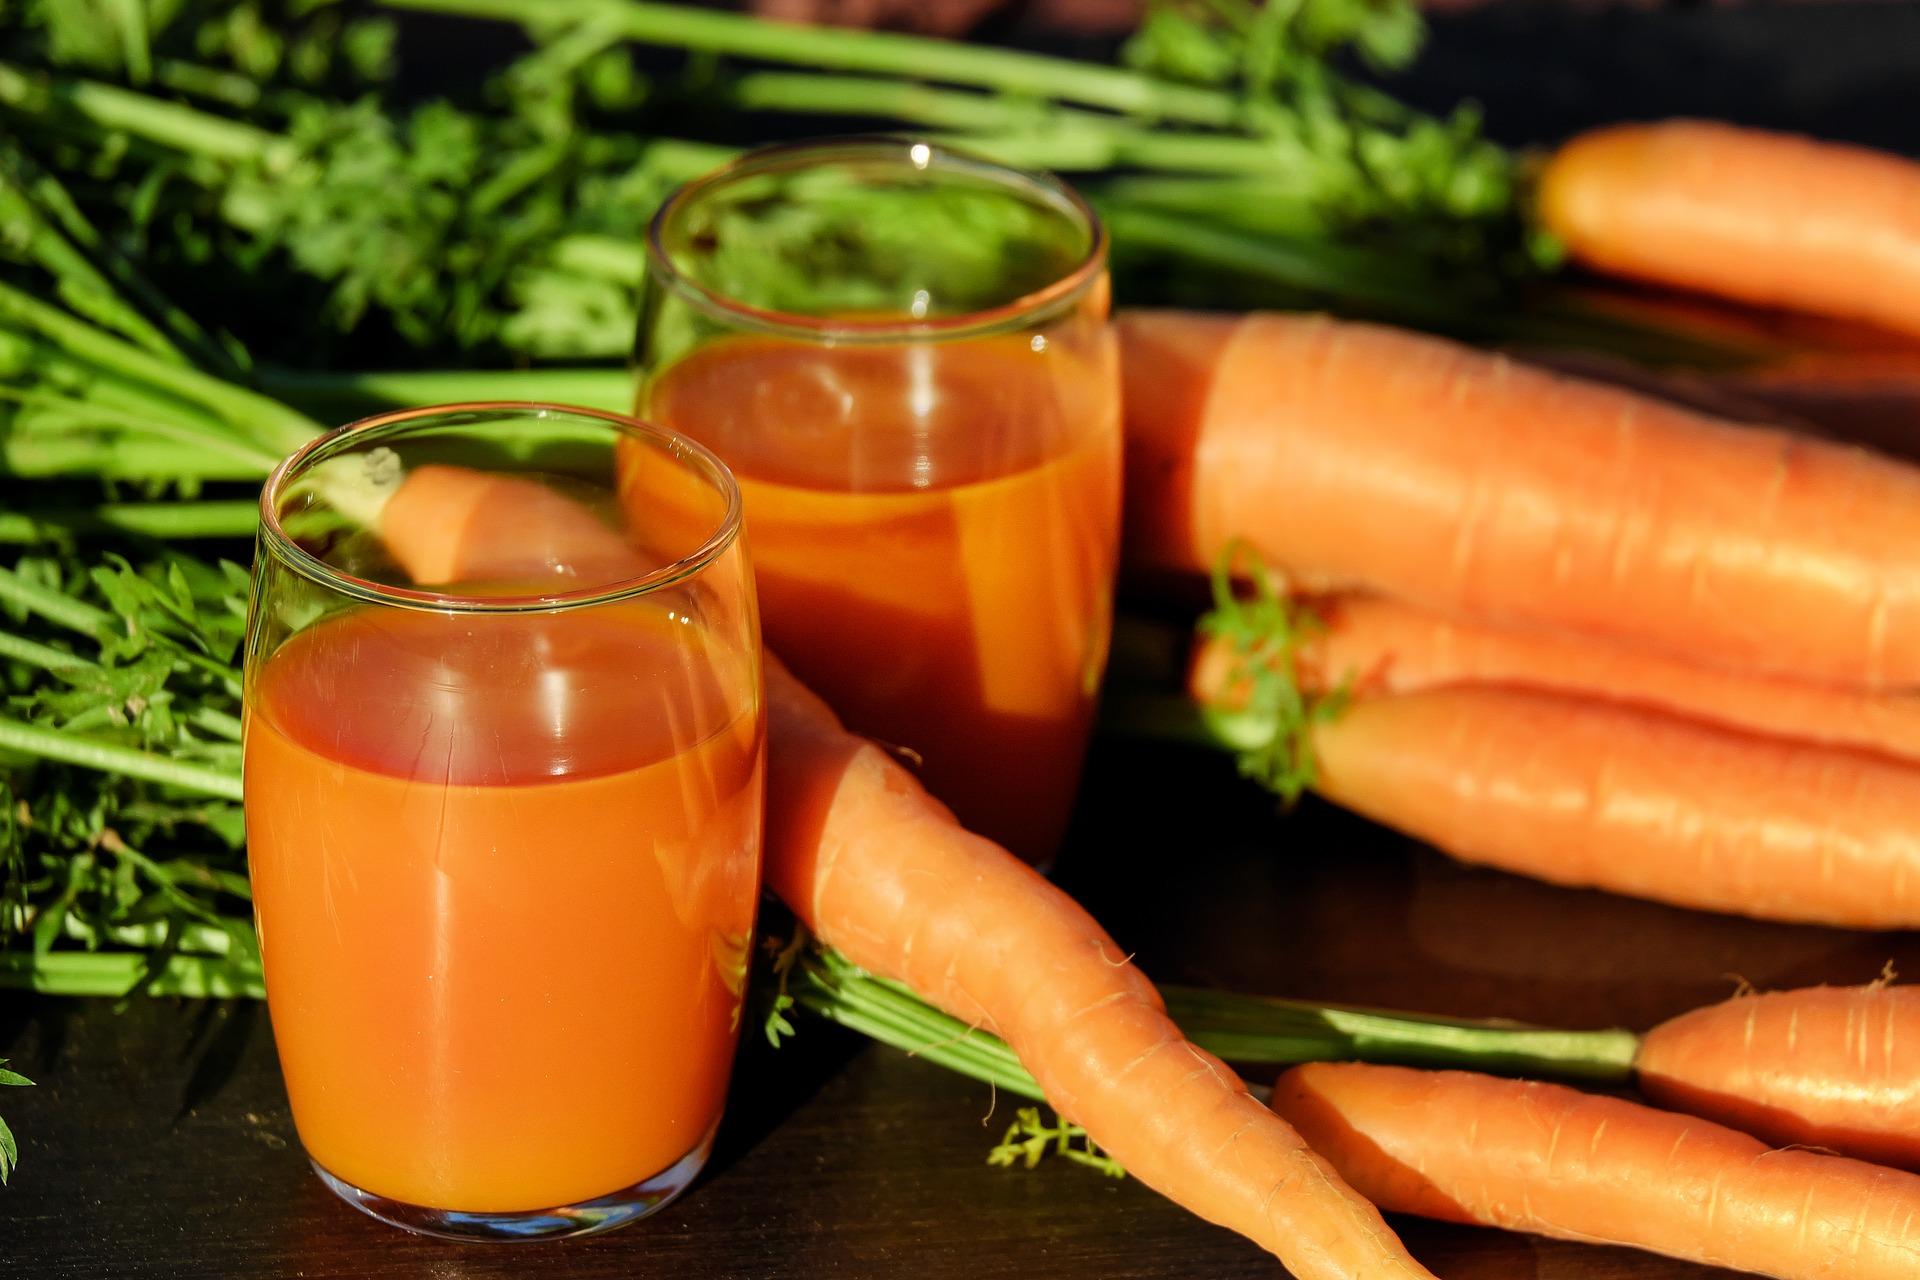 Cenouras e suco de cenoura.